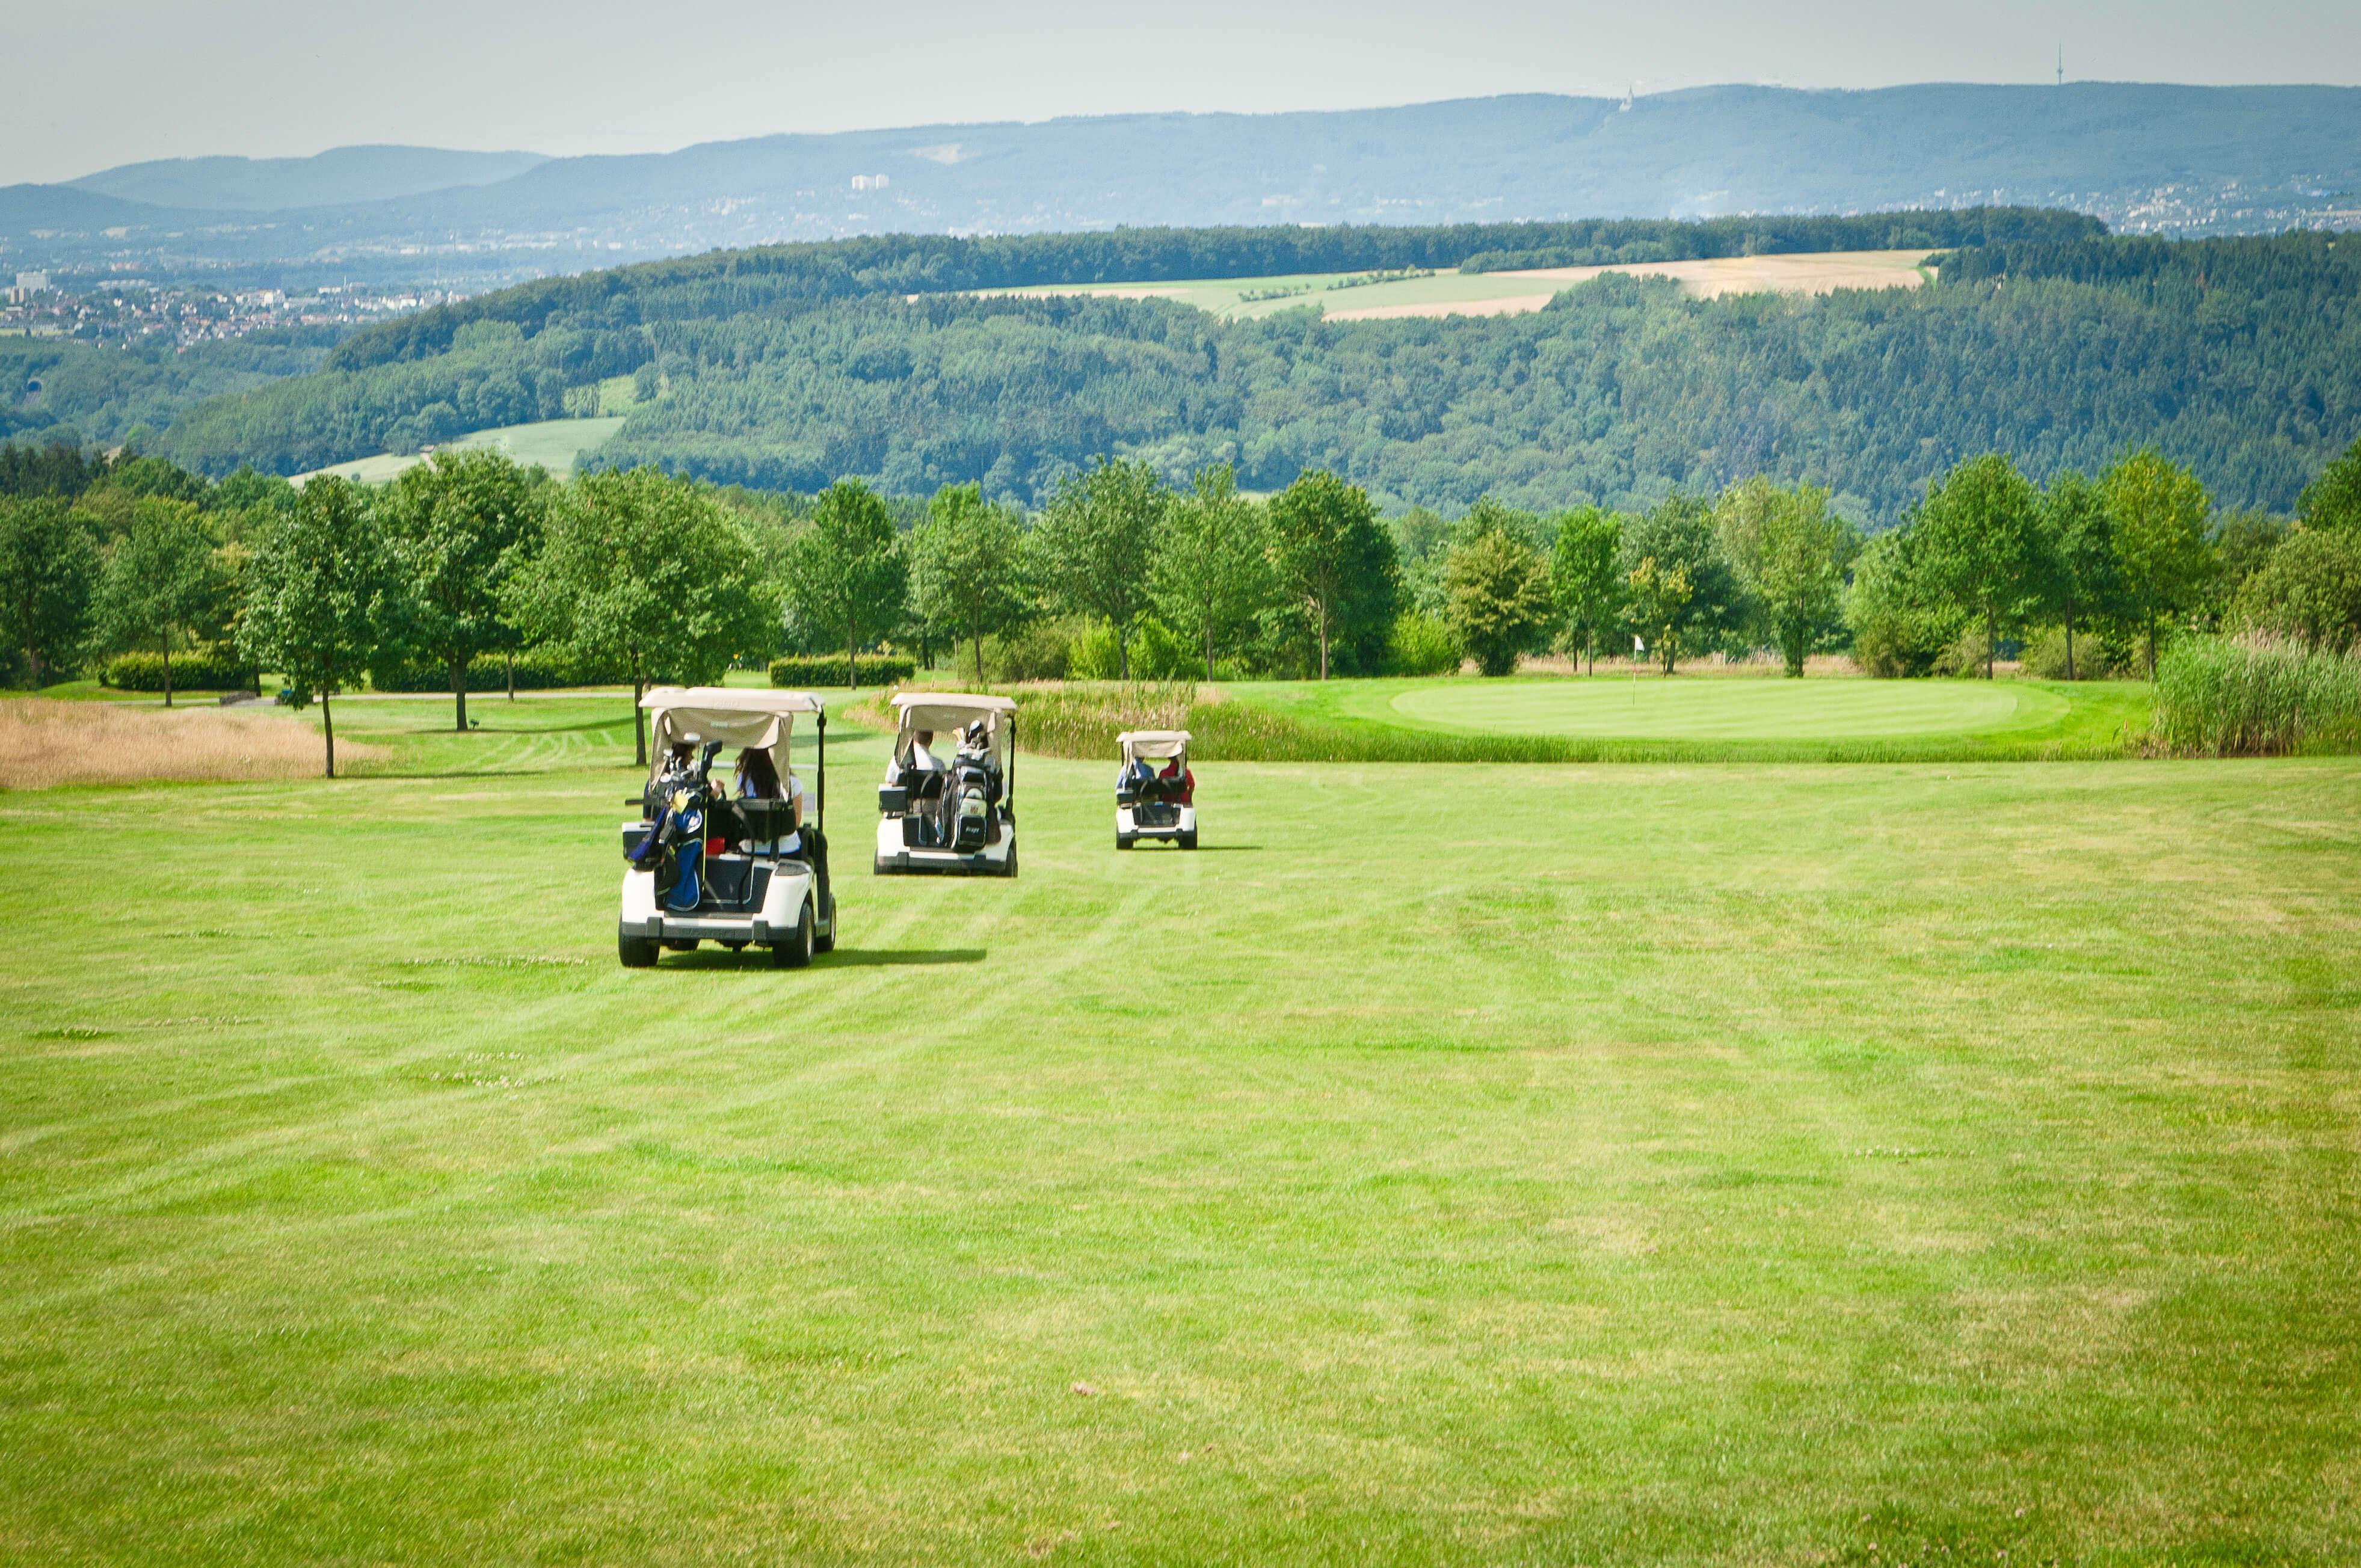 Golfcaddys